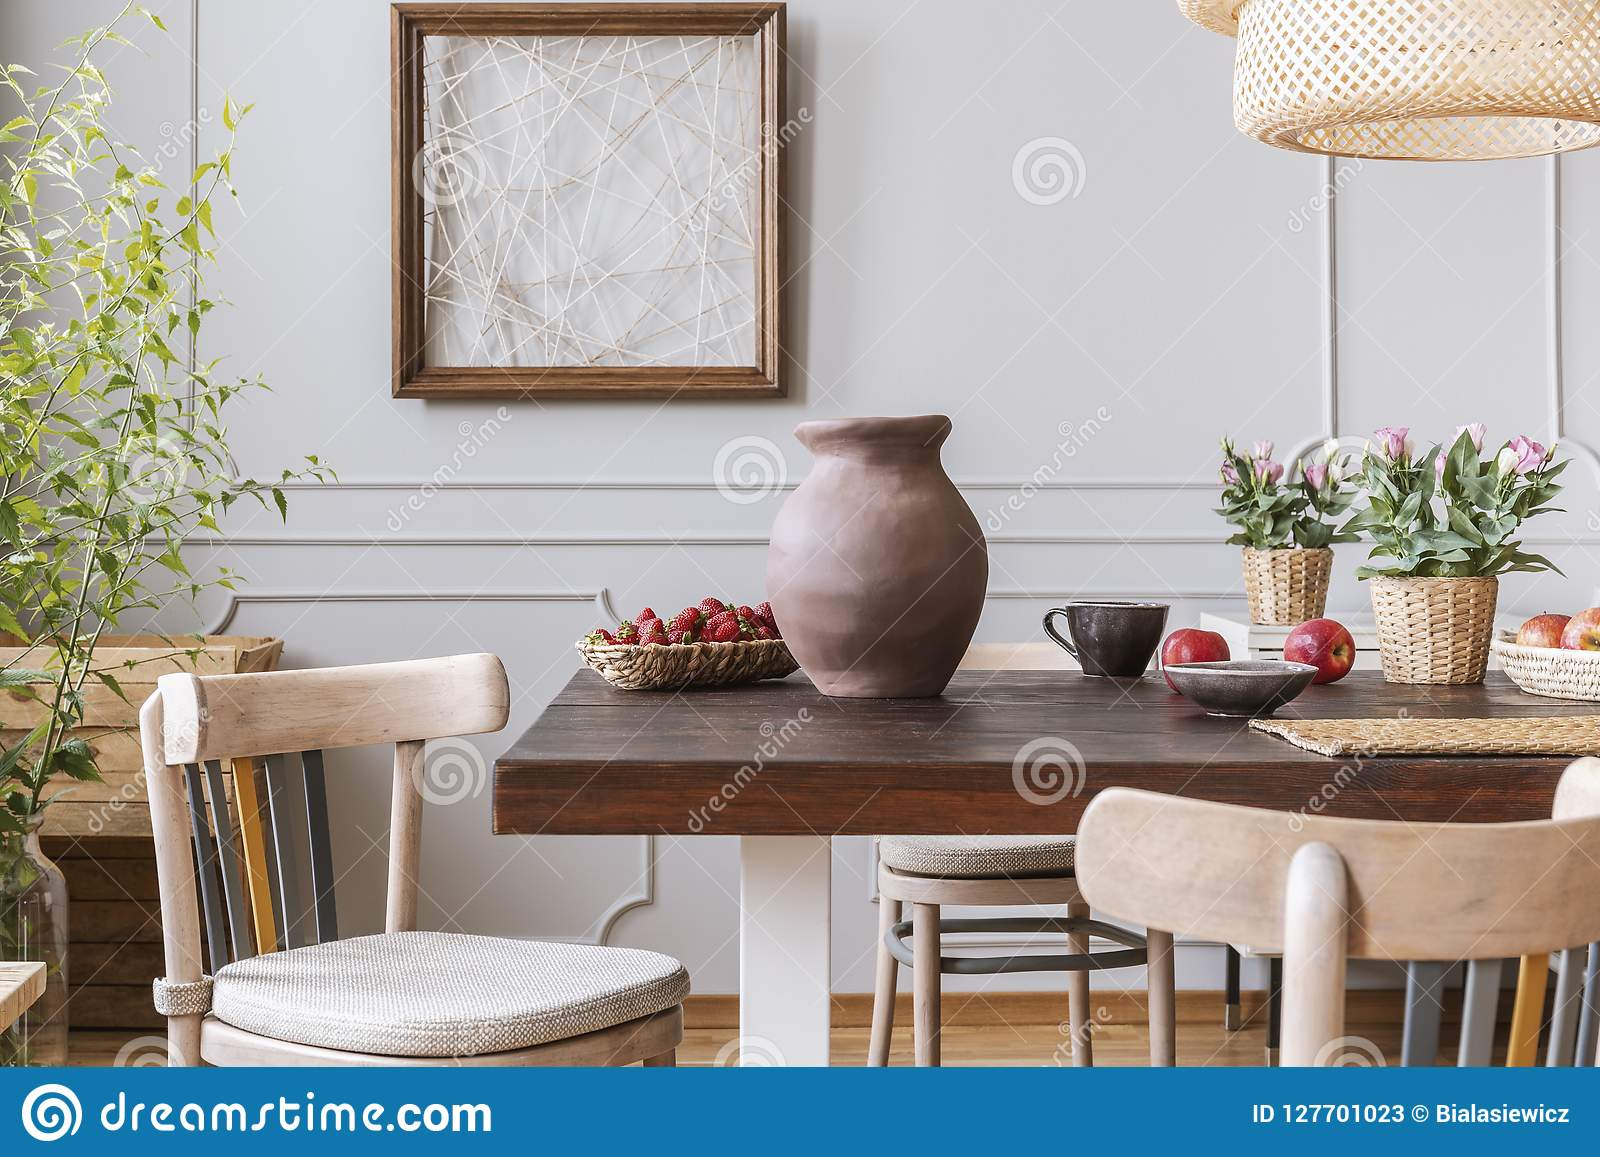 木椅子在与花瓶和花的桌上在与海报的灰色餐厅内部 实际照片